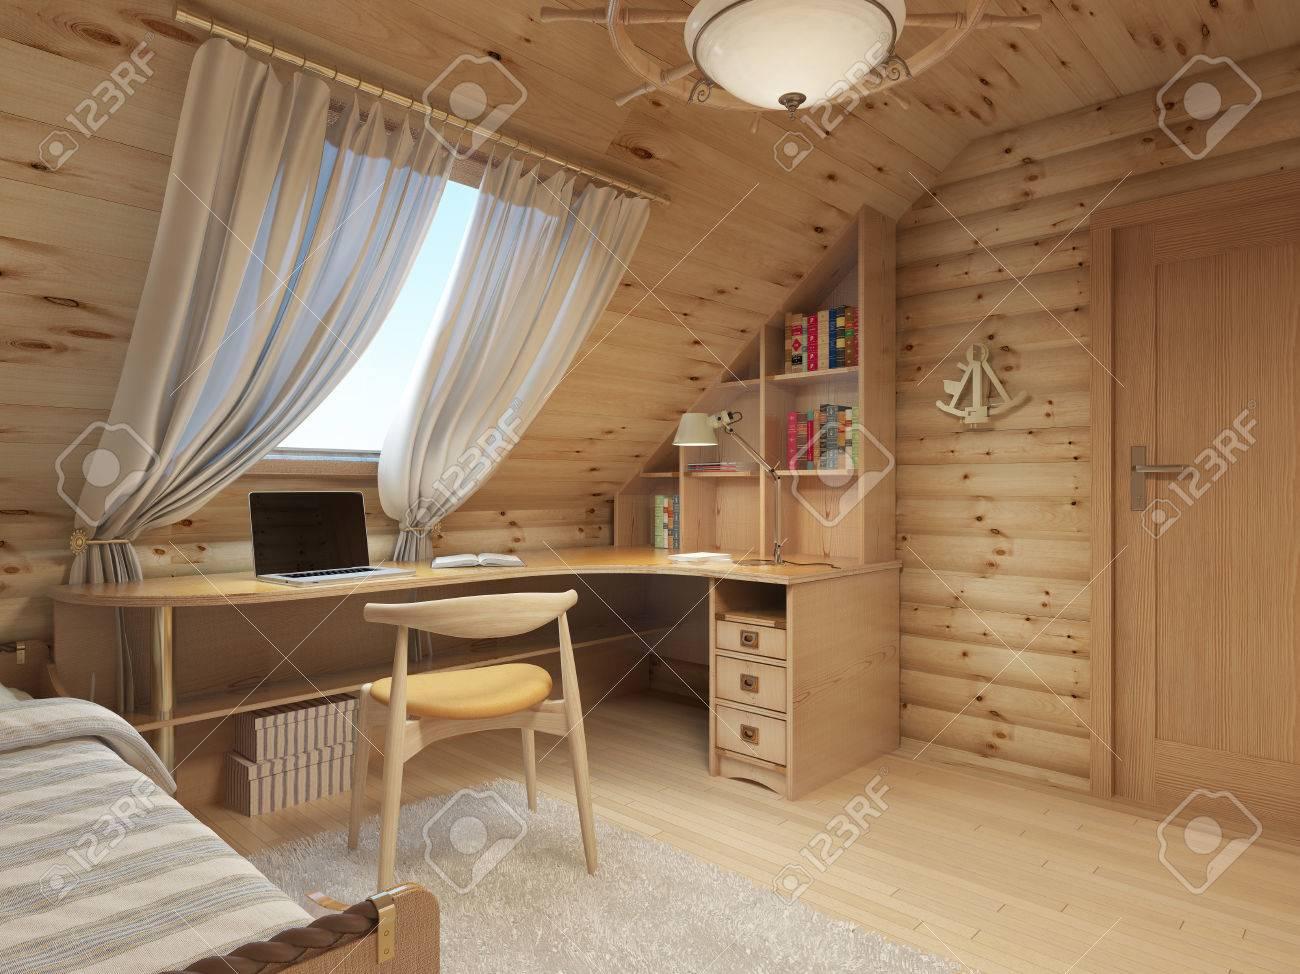 Connectez vous entre la place pour un adolescent de bois dans un